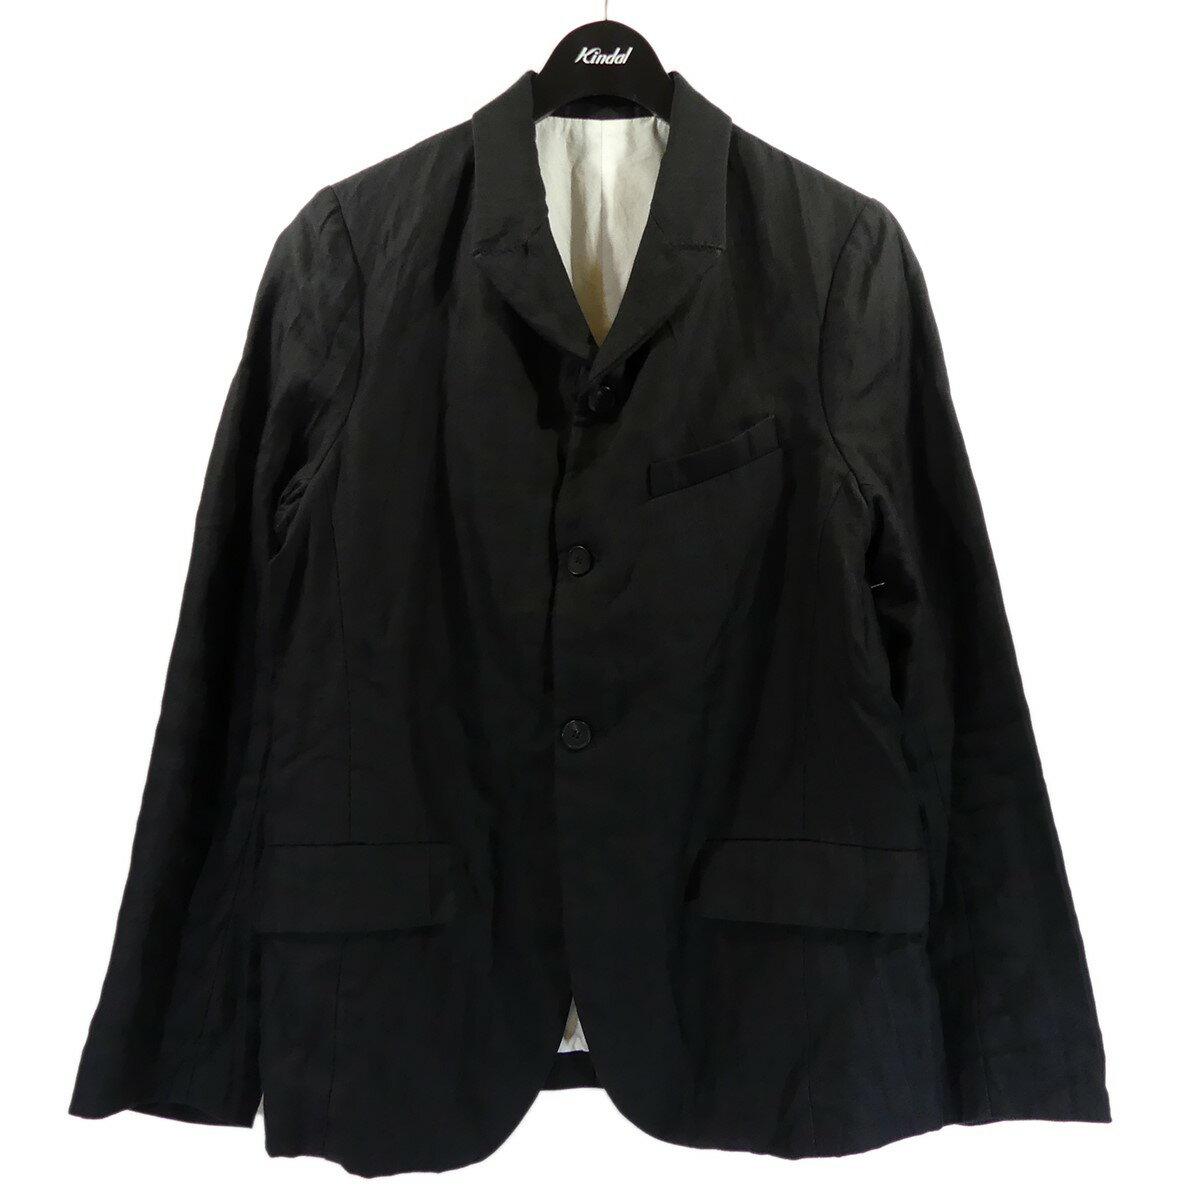 メンズファッション, コート・ジャケット bergfabel Tyrol Jacket 46 531